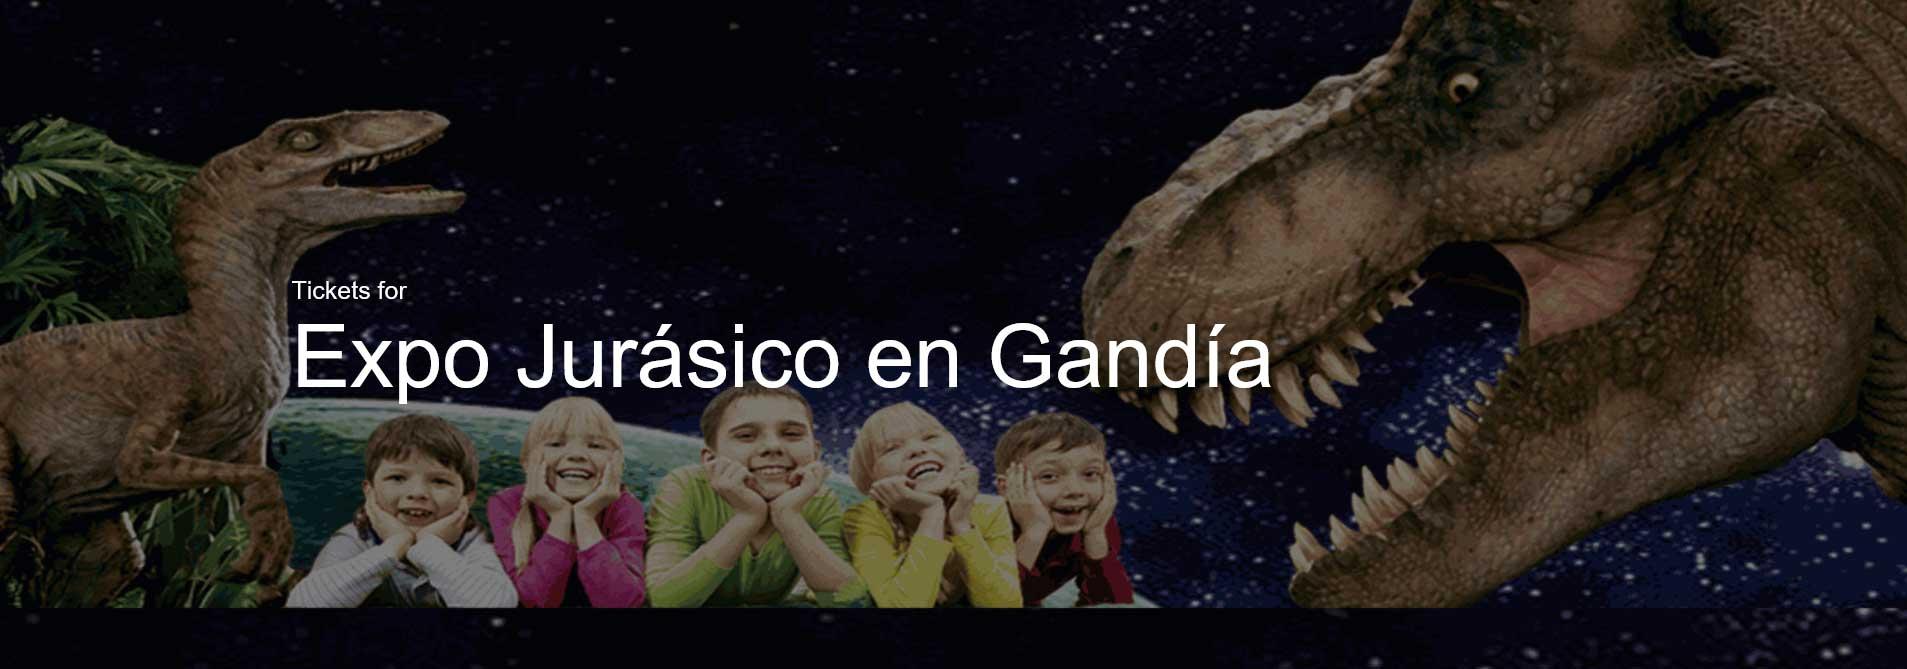 cartel Expo Jurásico Gandia 2016